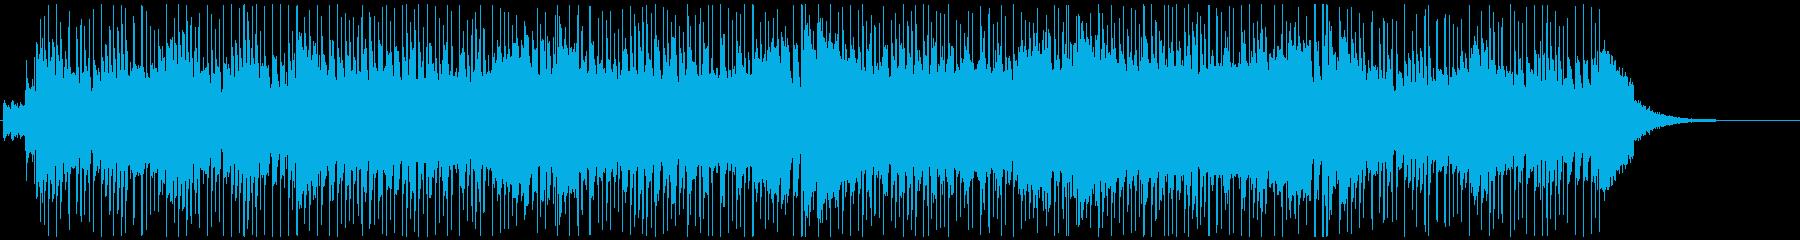 童謡「かえるの合唱」のロックバージョンの再生済みの波形